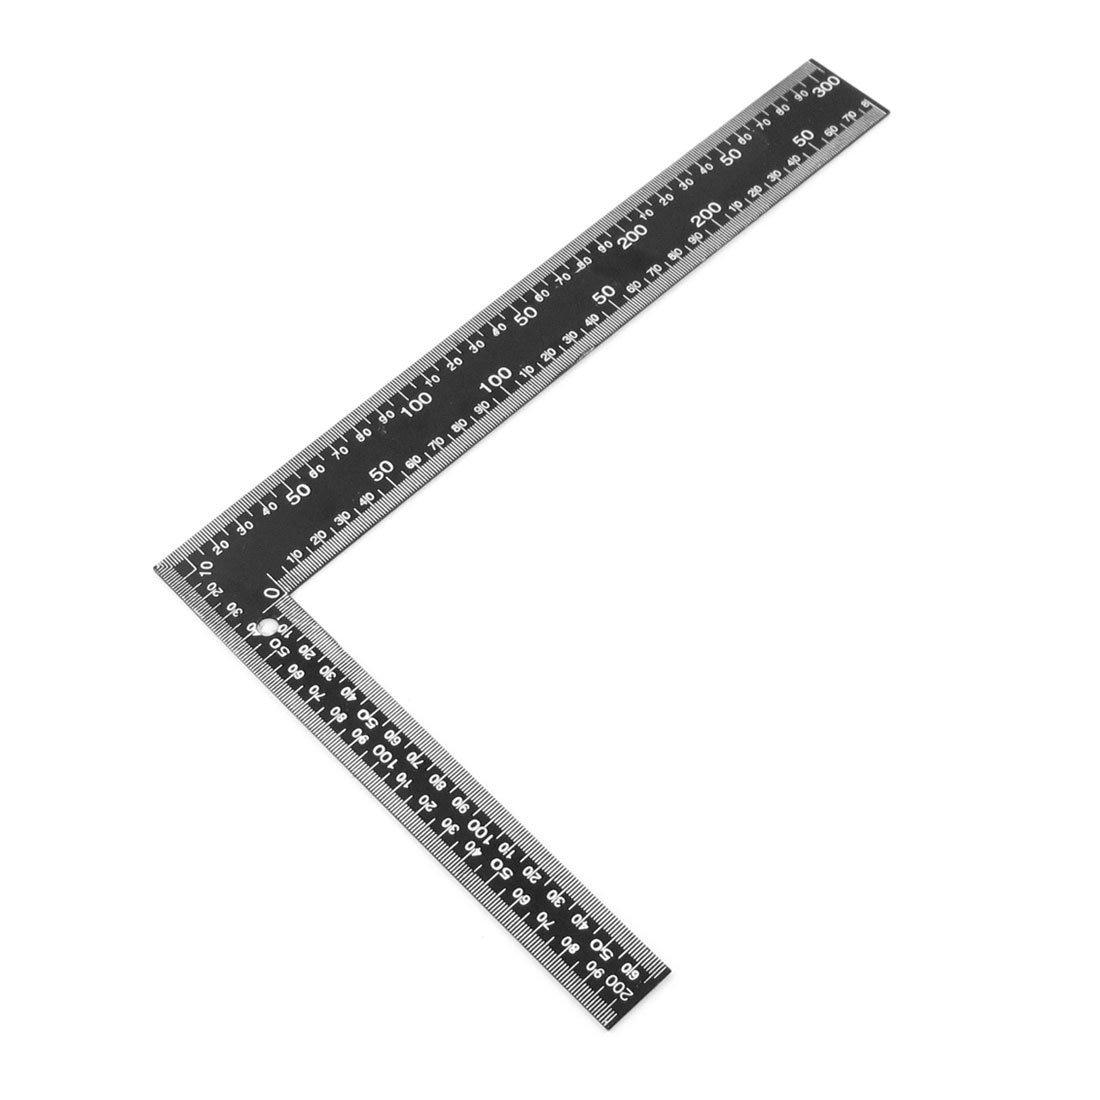 SOSW-enseignant 0-30cm 0-20cm plage de mesure L en forme de règle carrée noir